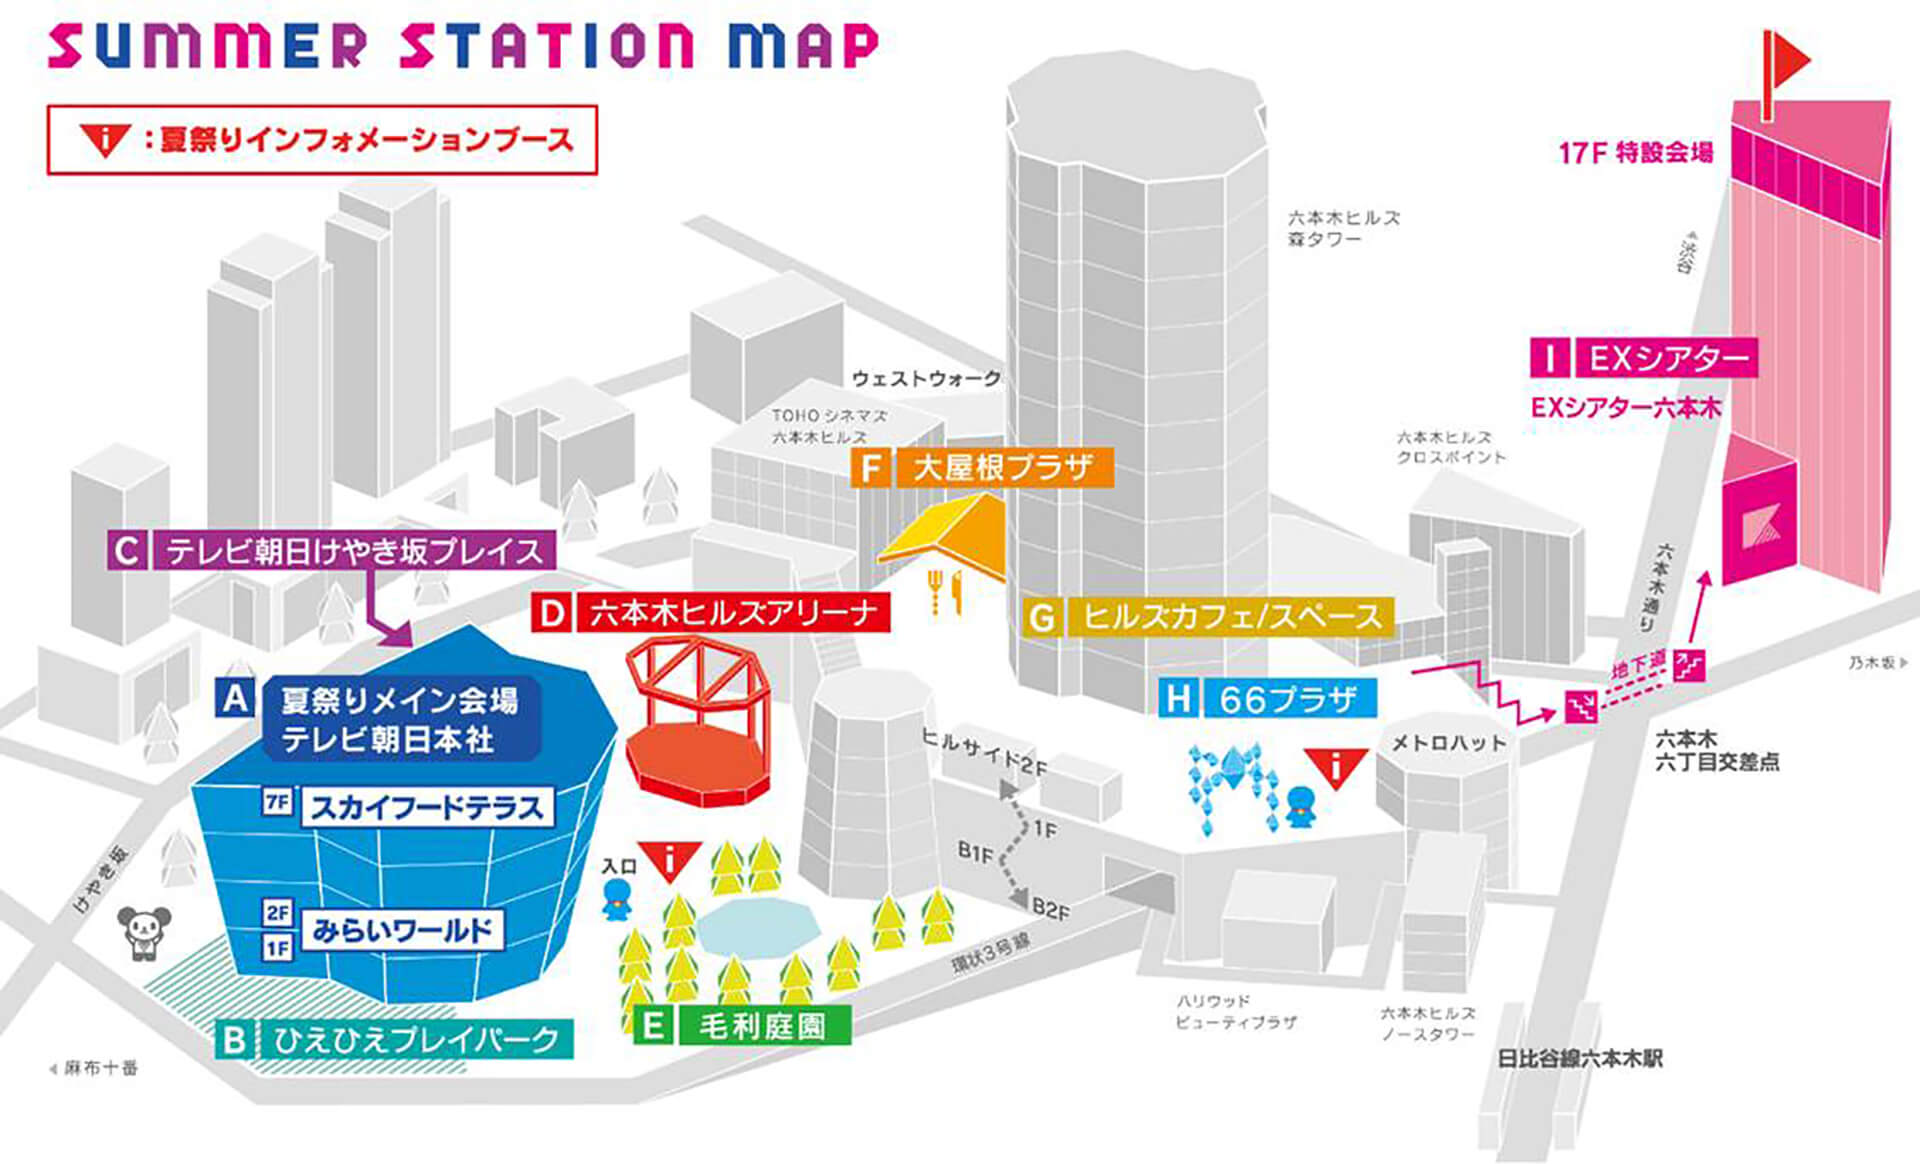 この写真は、テレビ朝日・六本木ヒルズ 夏祭りサマーステーションの会場3Dマップです